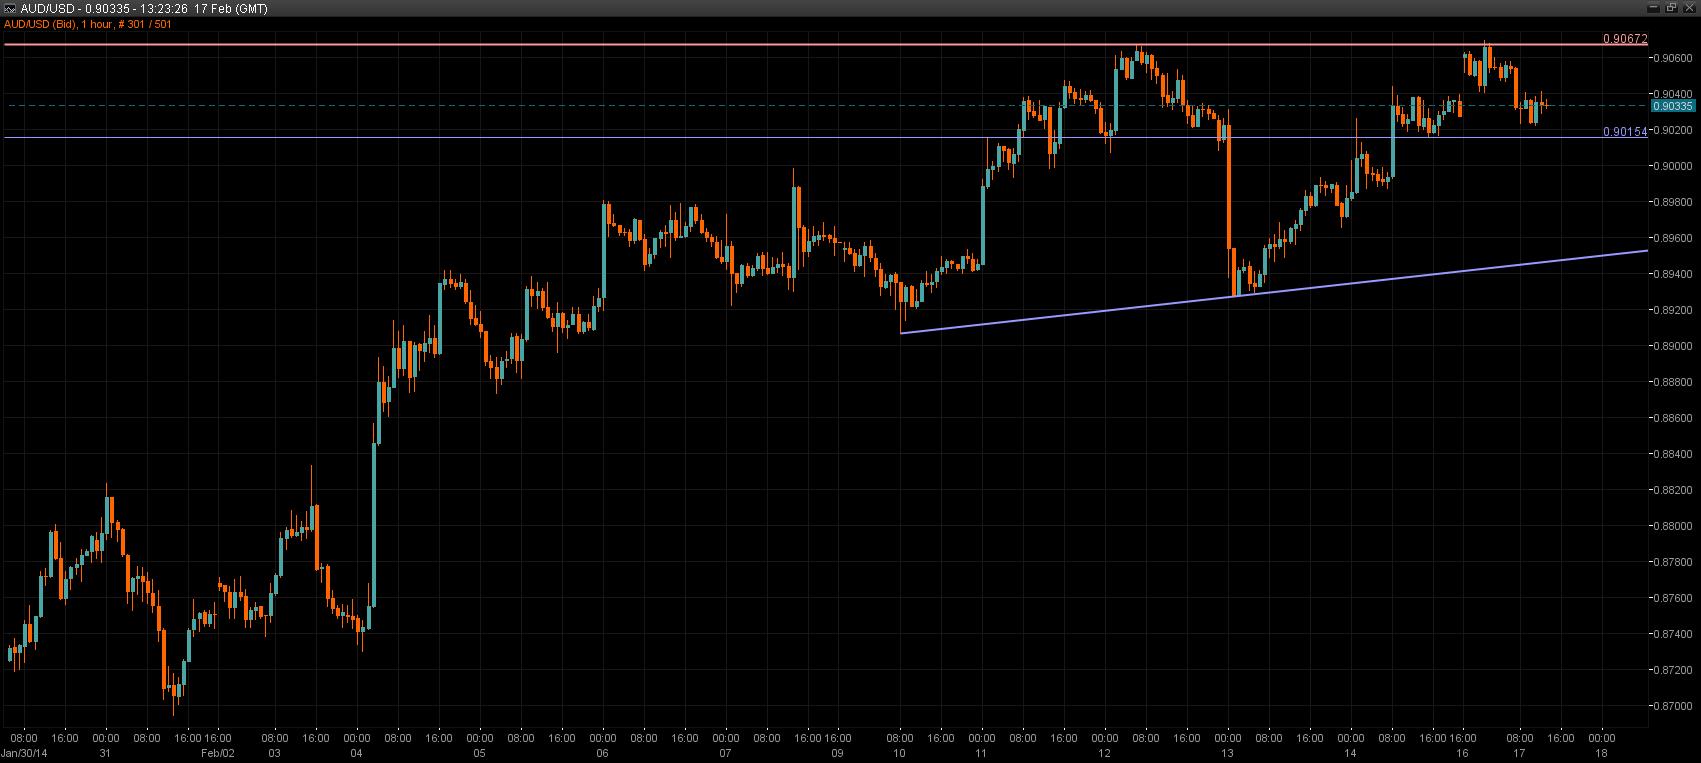 AUD/USD Chart 17 Feb 2014